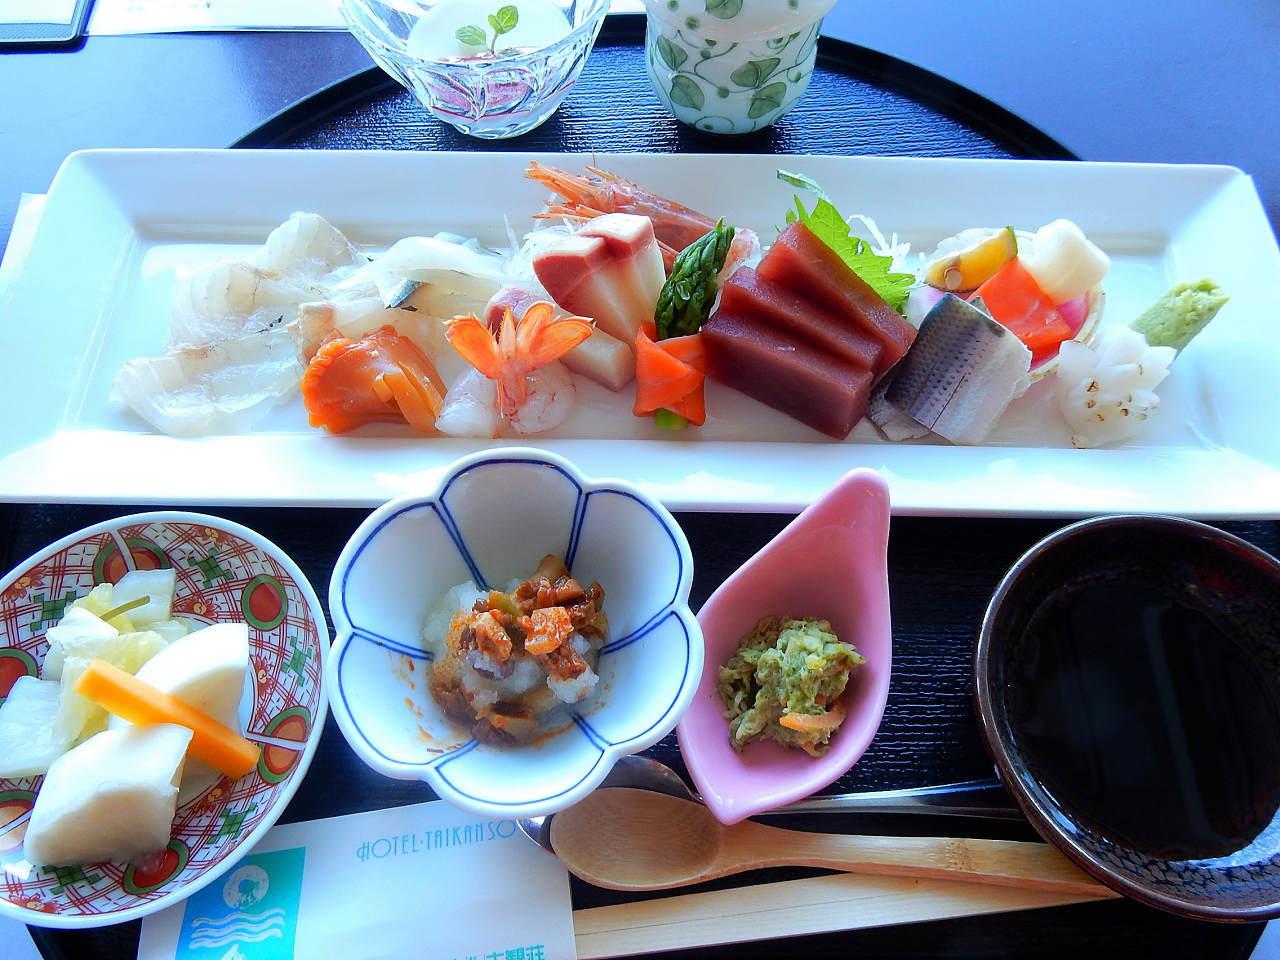 遠回りして松島へ_a0148206_11211603.jpg